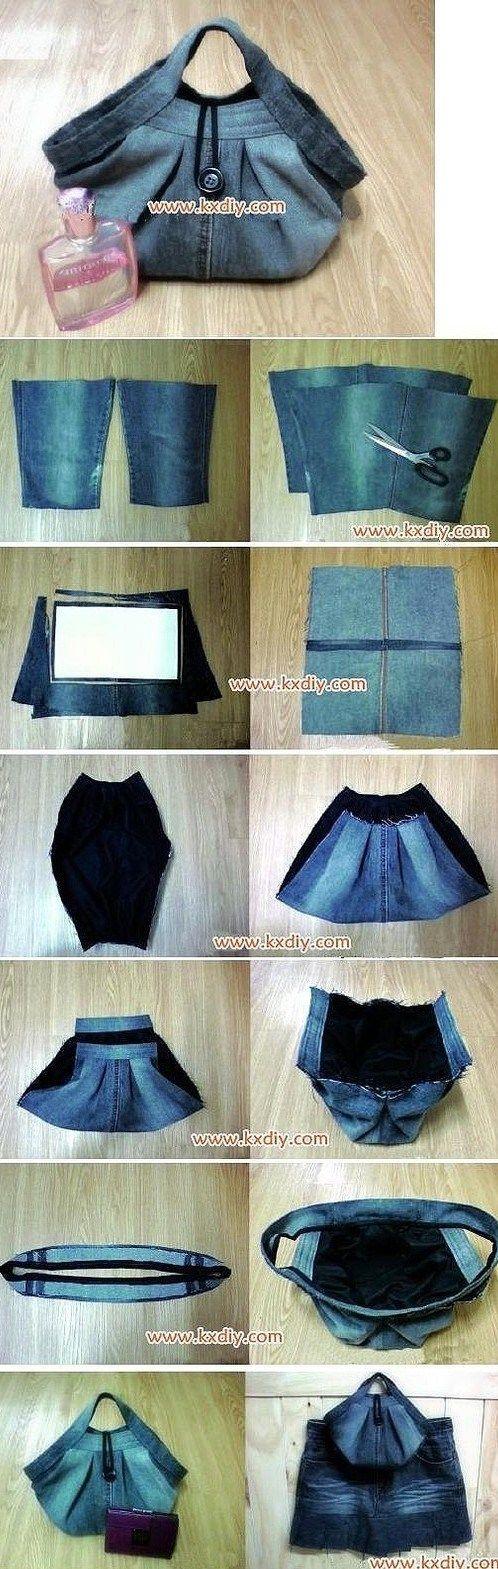 Denim Handbag Photo Sewing Tutorial et plein d'autres modèles